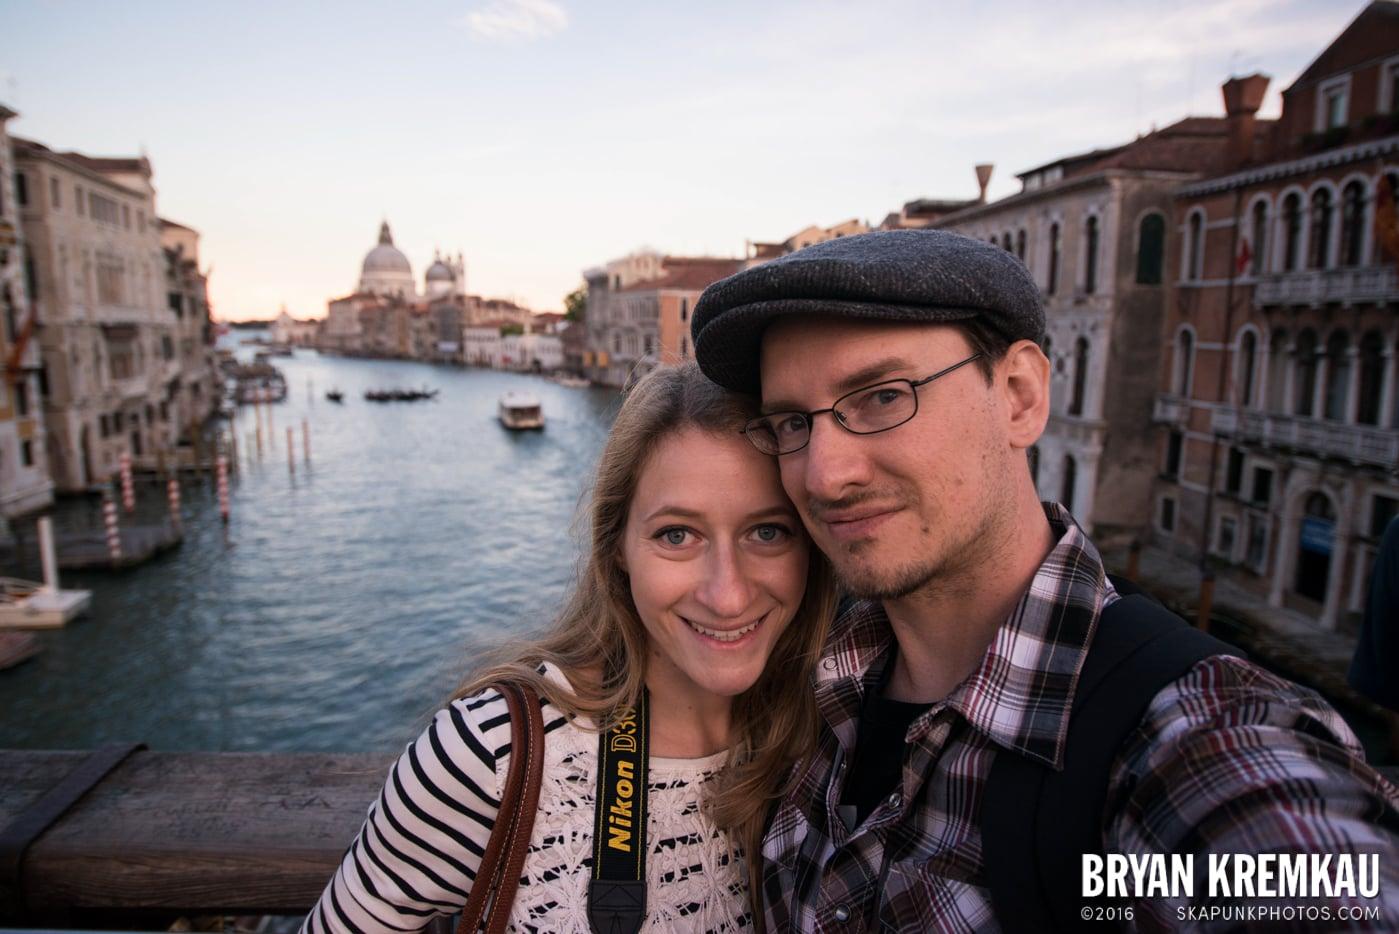 Italy Vacation - Day 4: Venice - 9.12.13 (2)